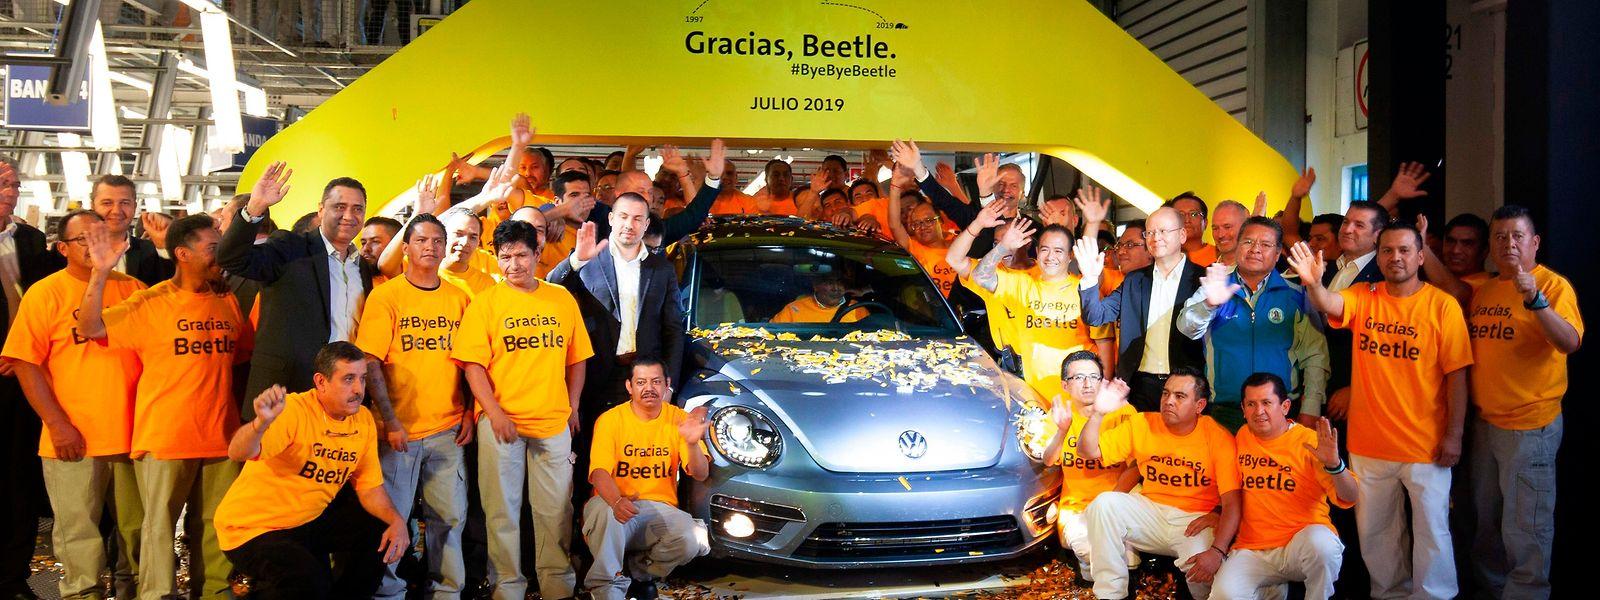 Le tout dernier exemplaire de la mythique Coccinelle de Volkswagen est sorti mercredi de son usine mexicaine de Puebla.